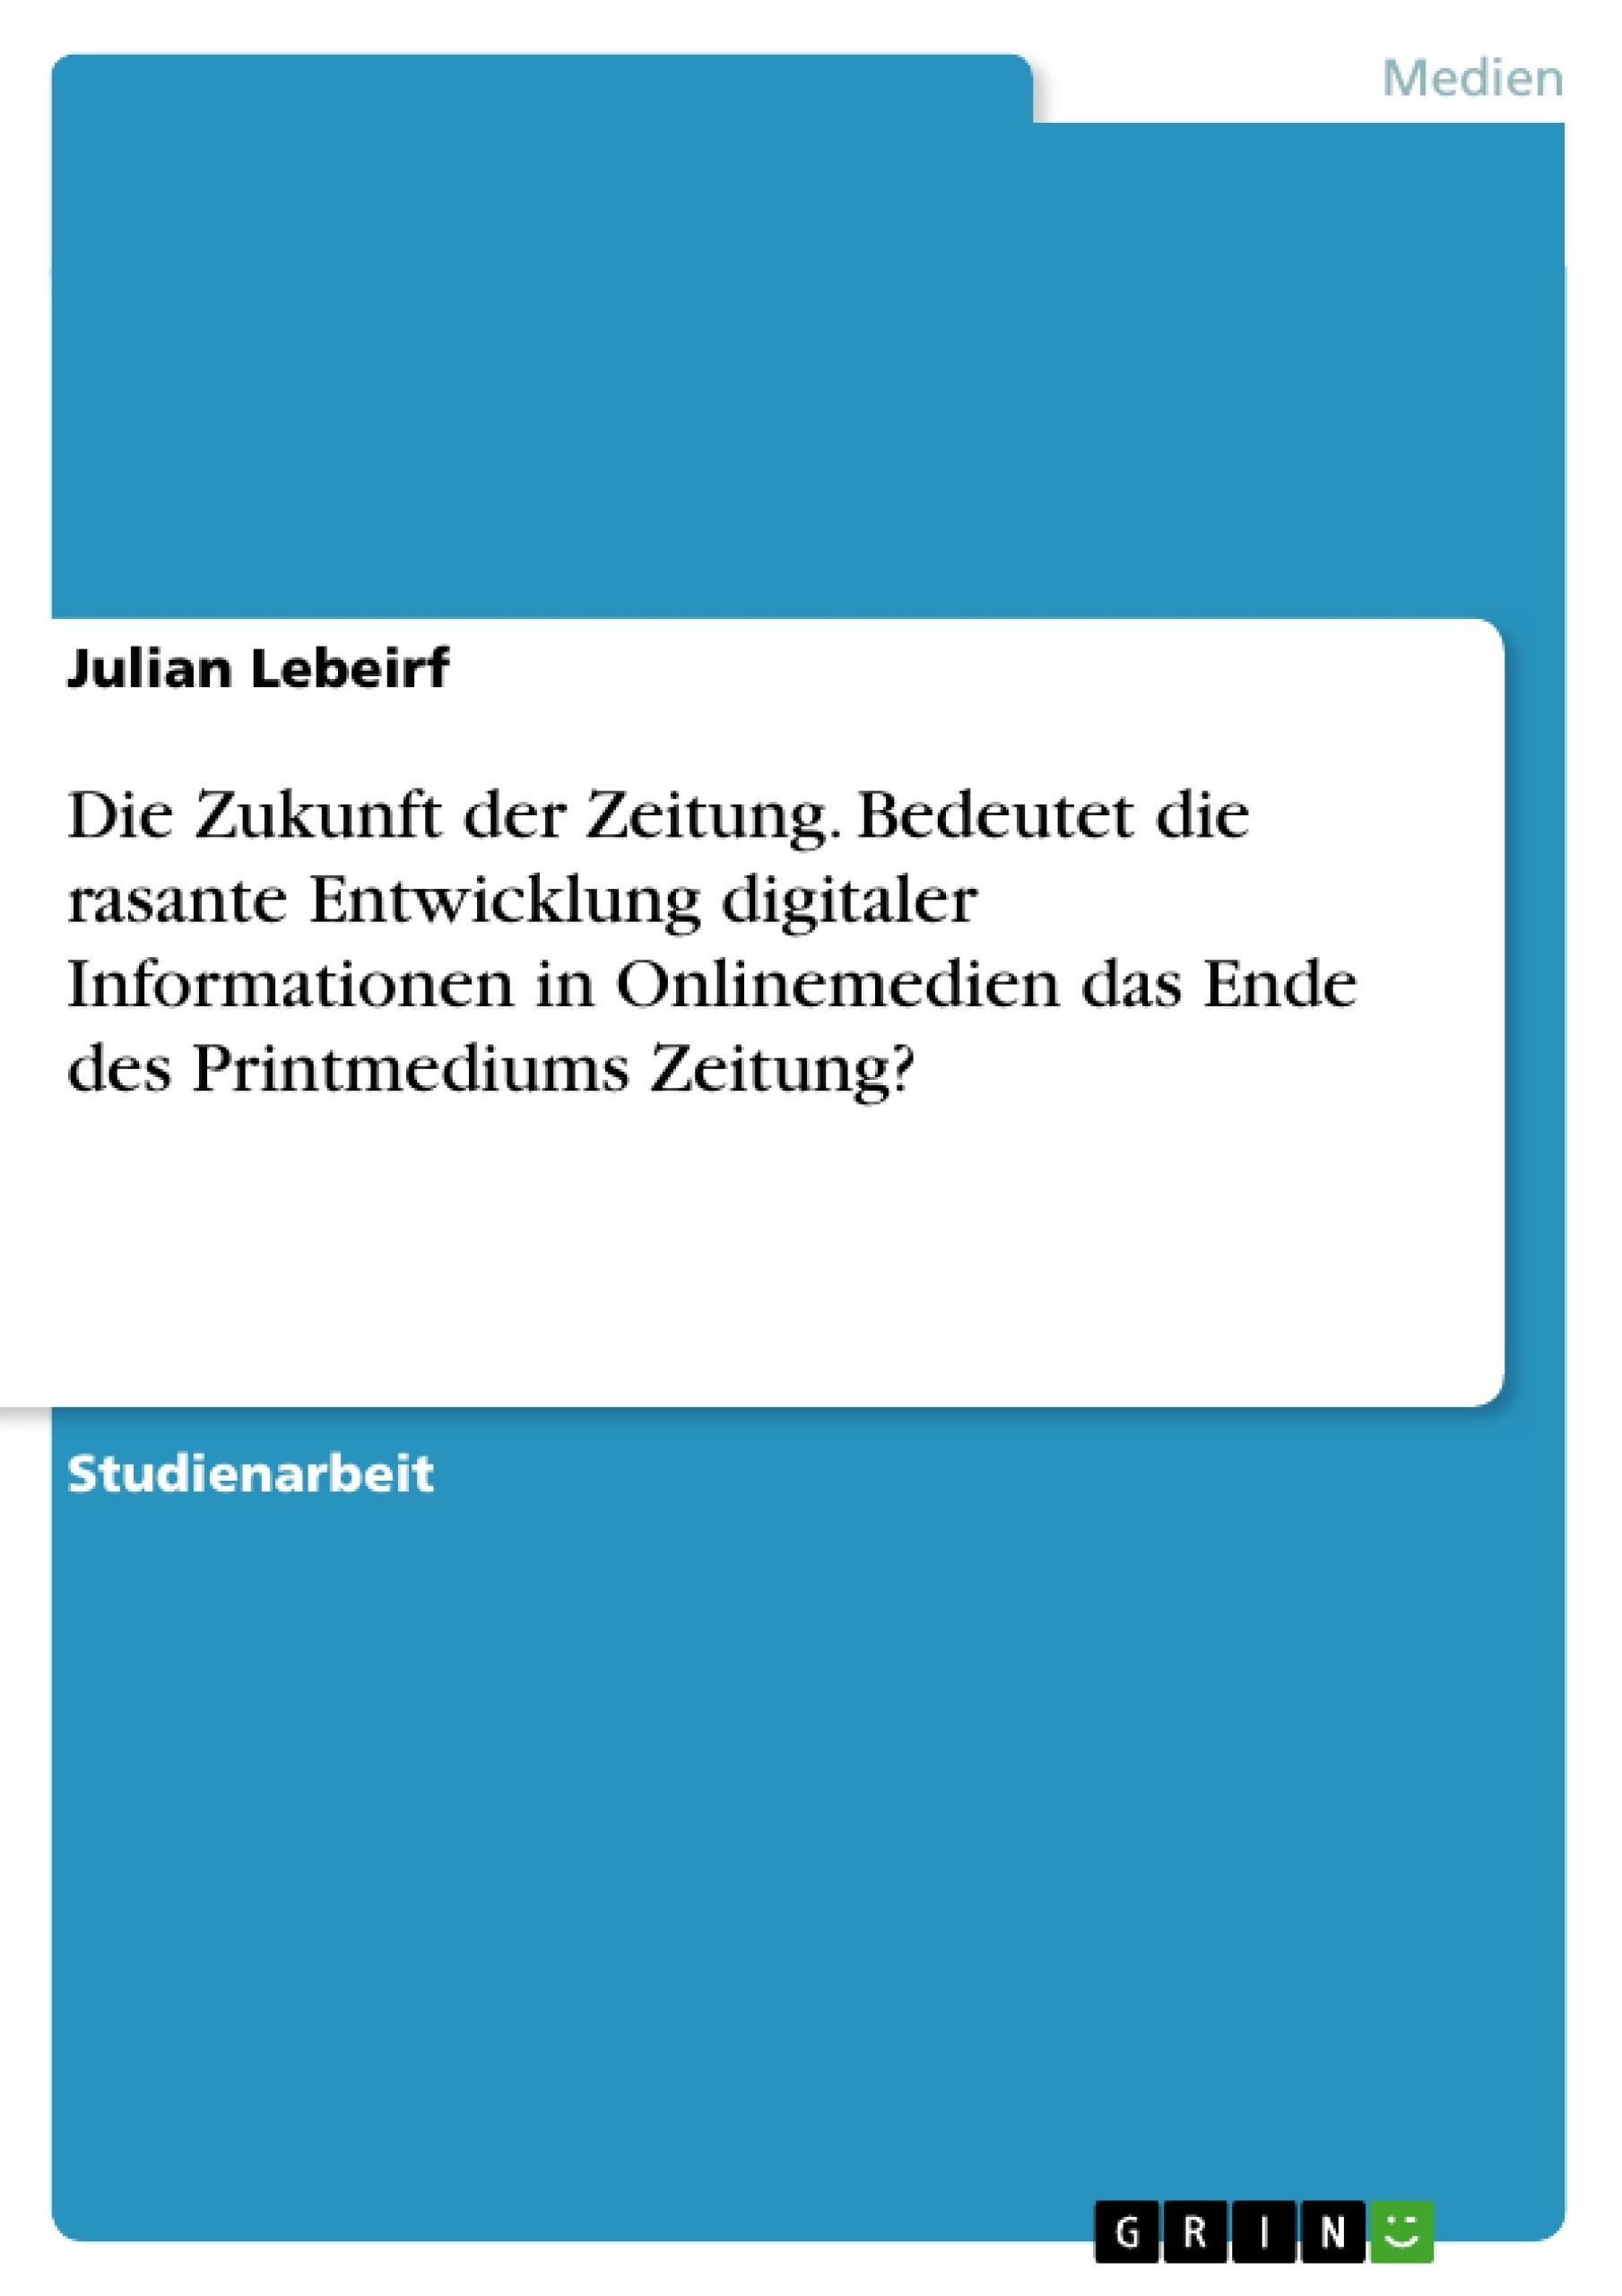 Titel: Die Zukunft der Zeitung. Bedeutet die rasante Entwicklung digitaler Informationen in Onlinemedien das Ende des Printmediums Zeitung?